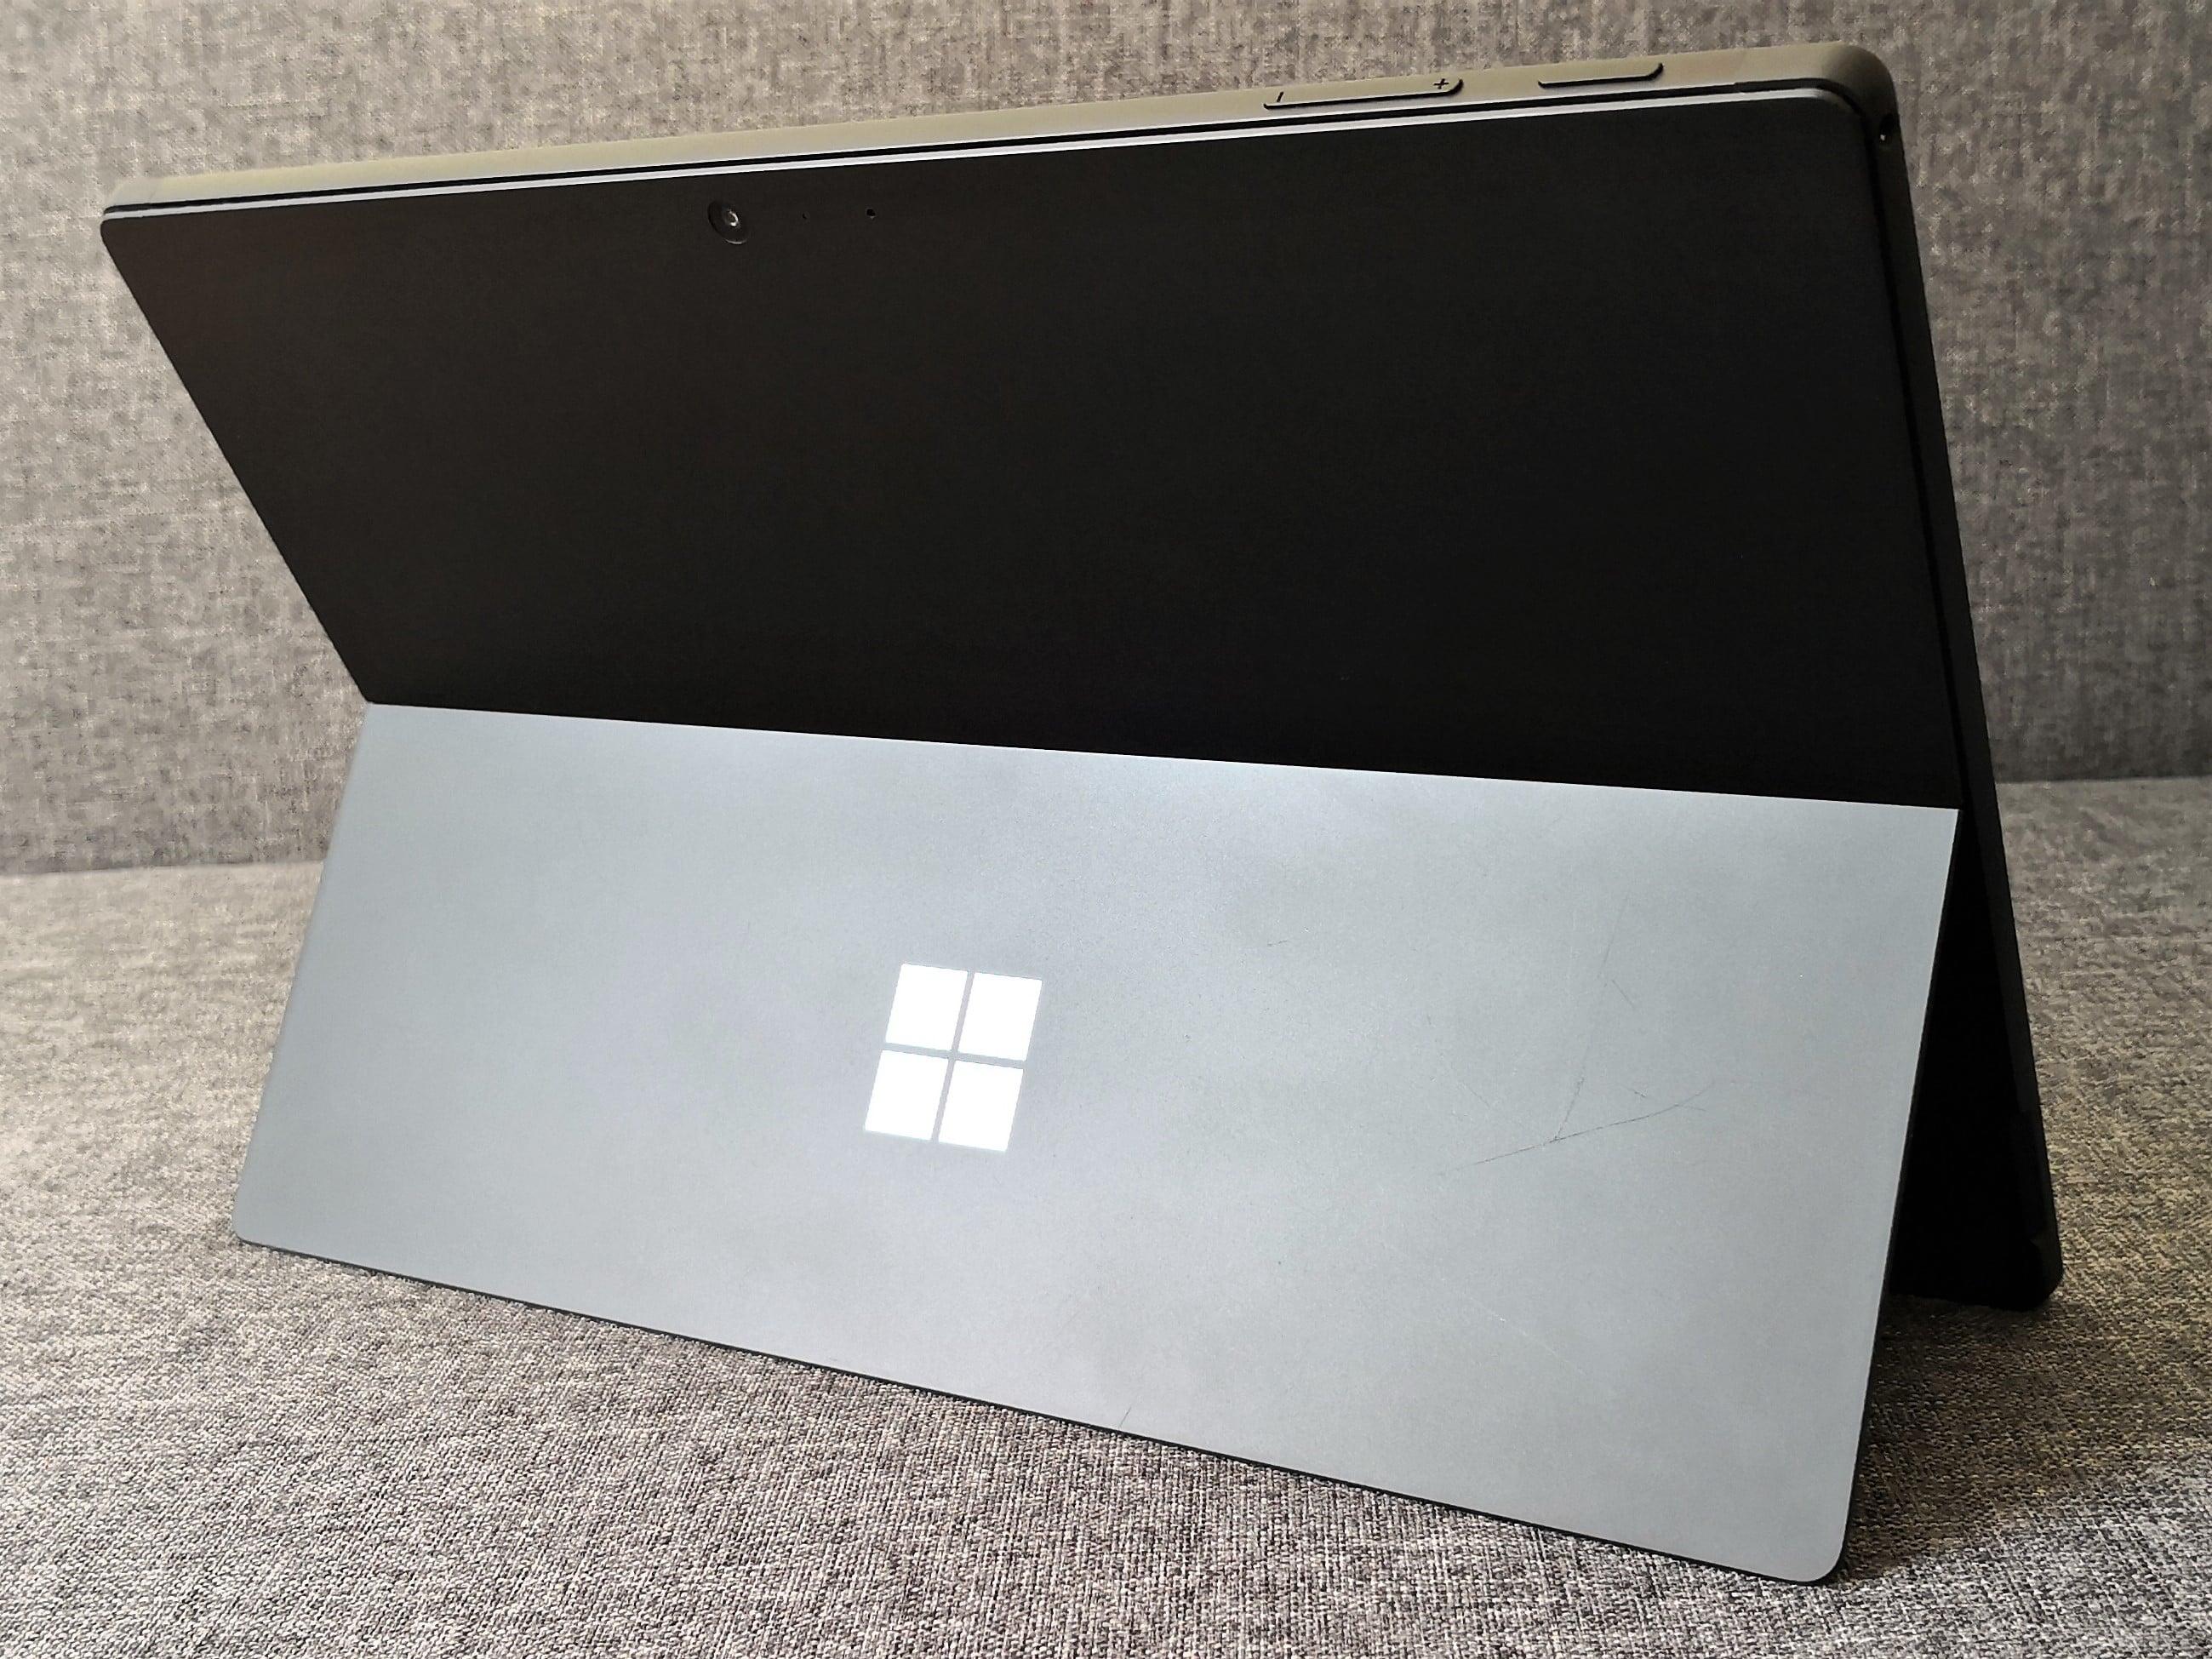 Nowy Microsoft Surface z dwoma ekranami i obsługą aplikacji z Androida?